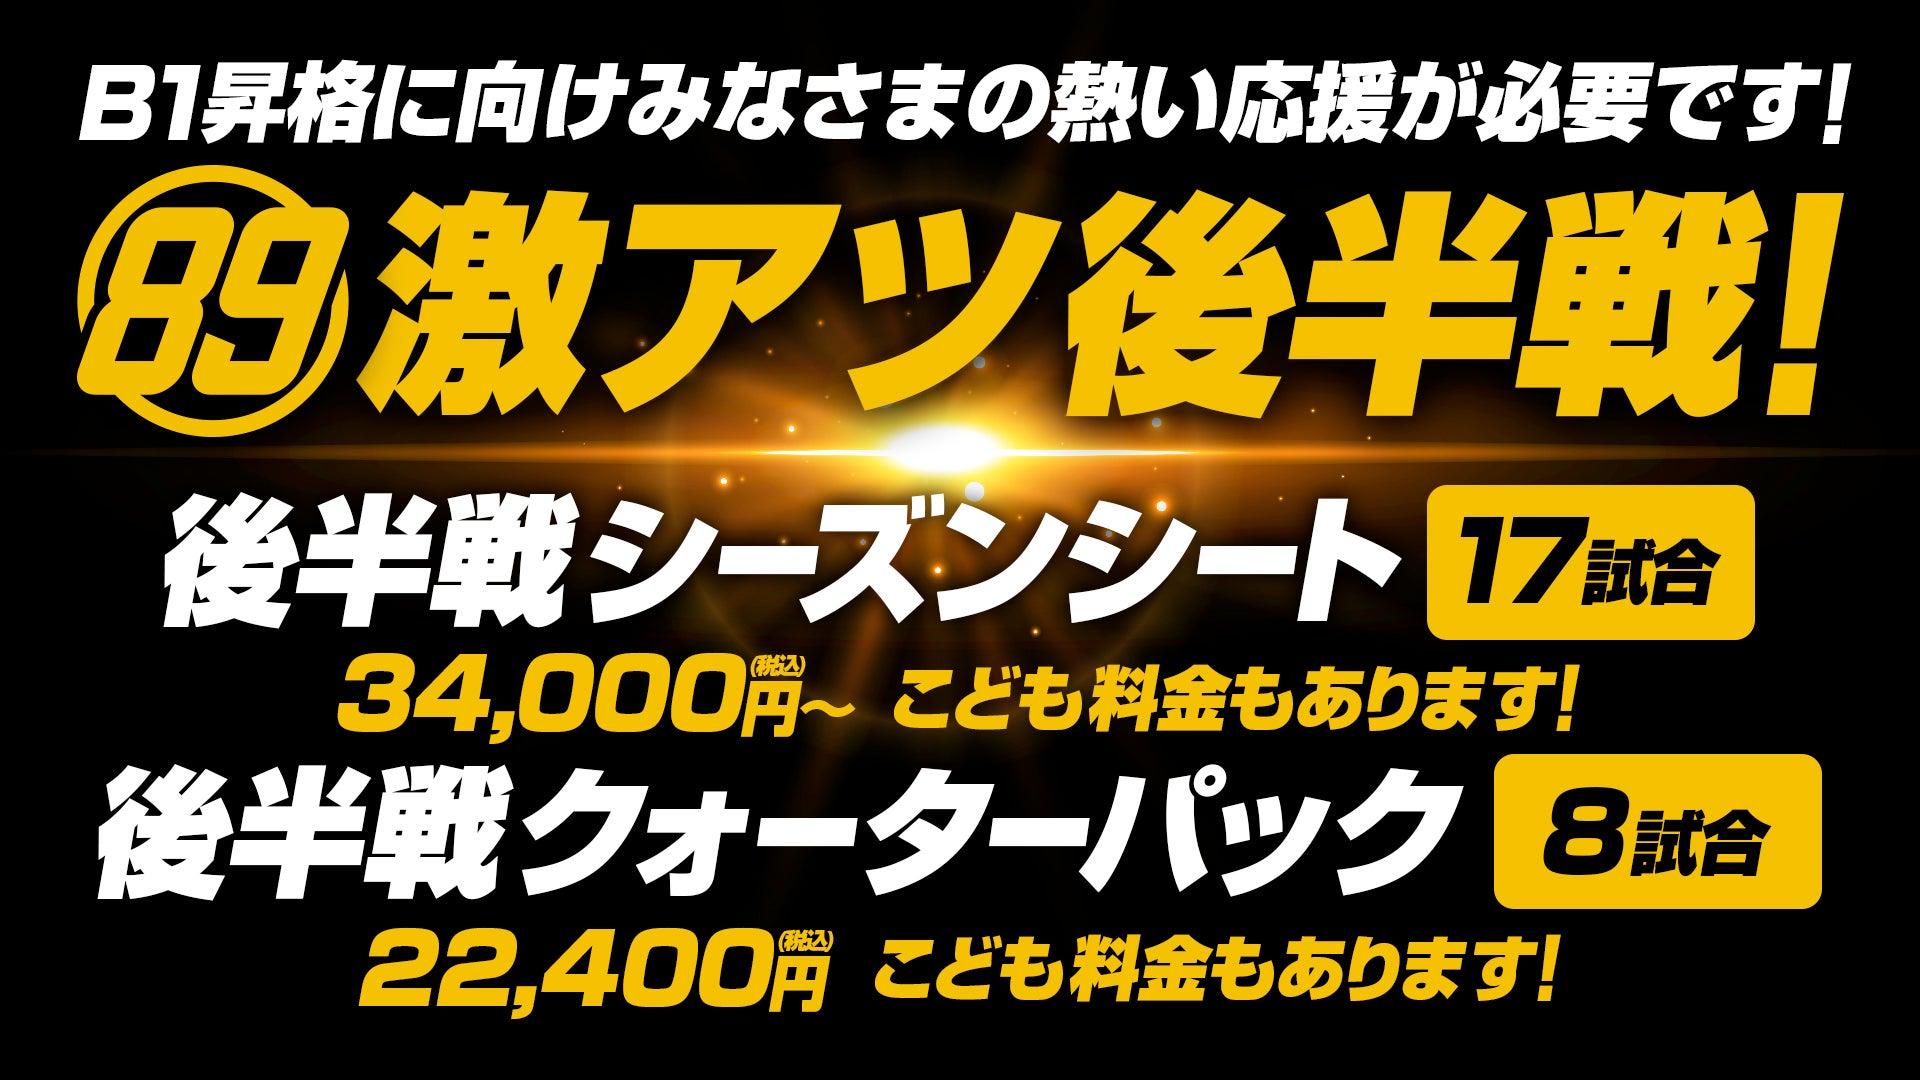 後半戦シーズンシートを発売! | 仙台89ERS